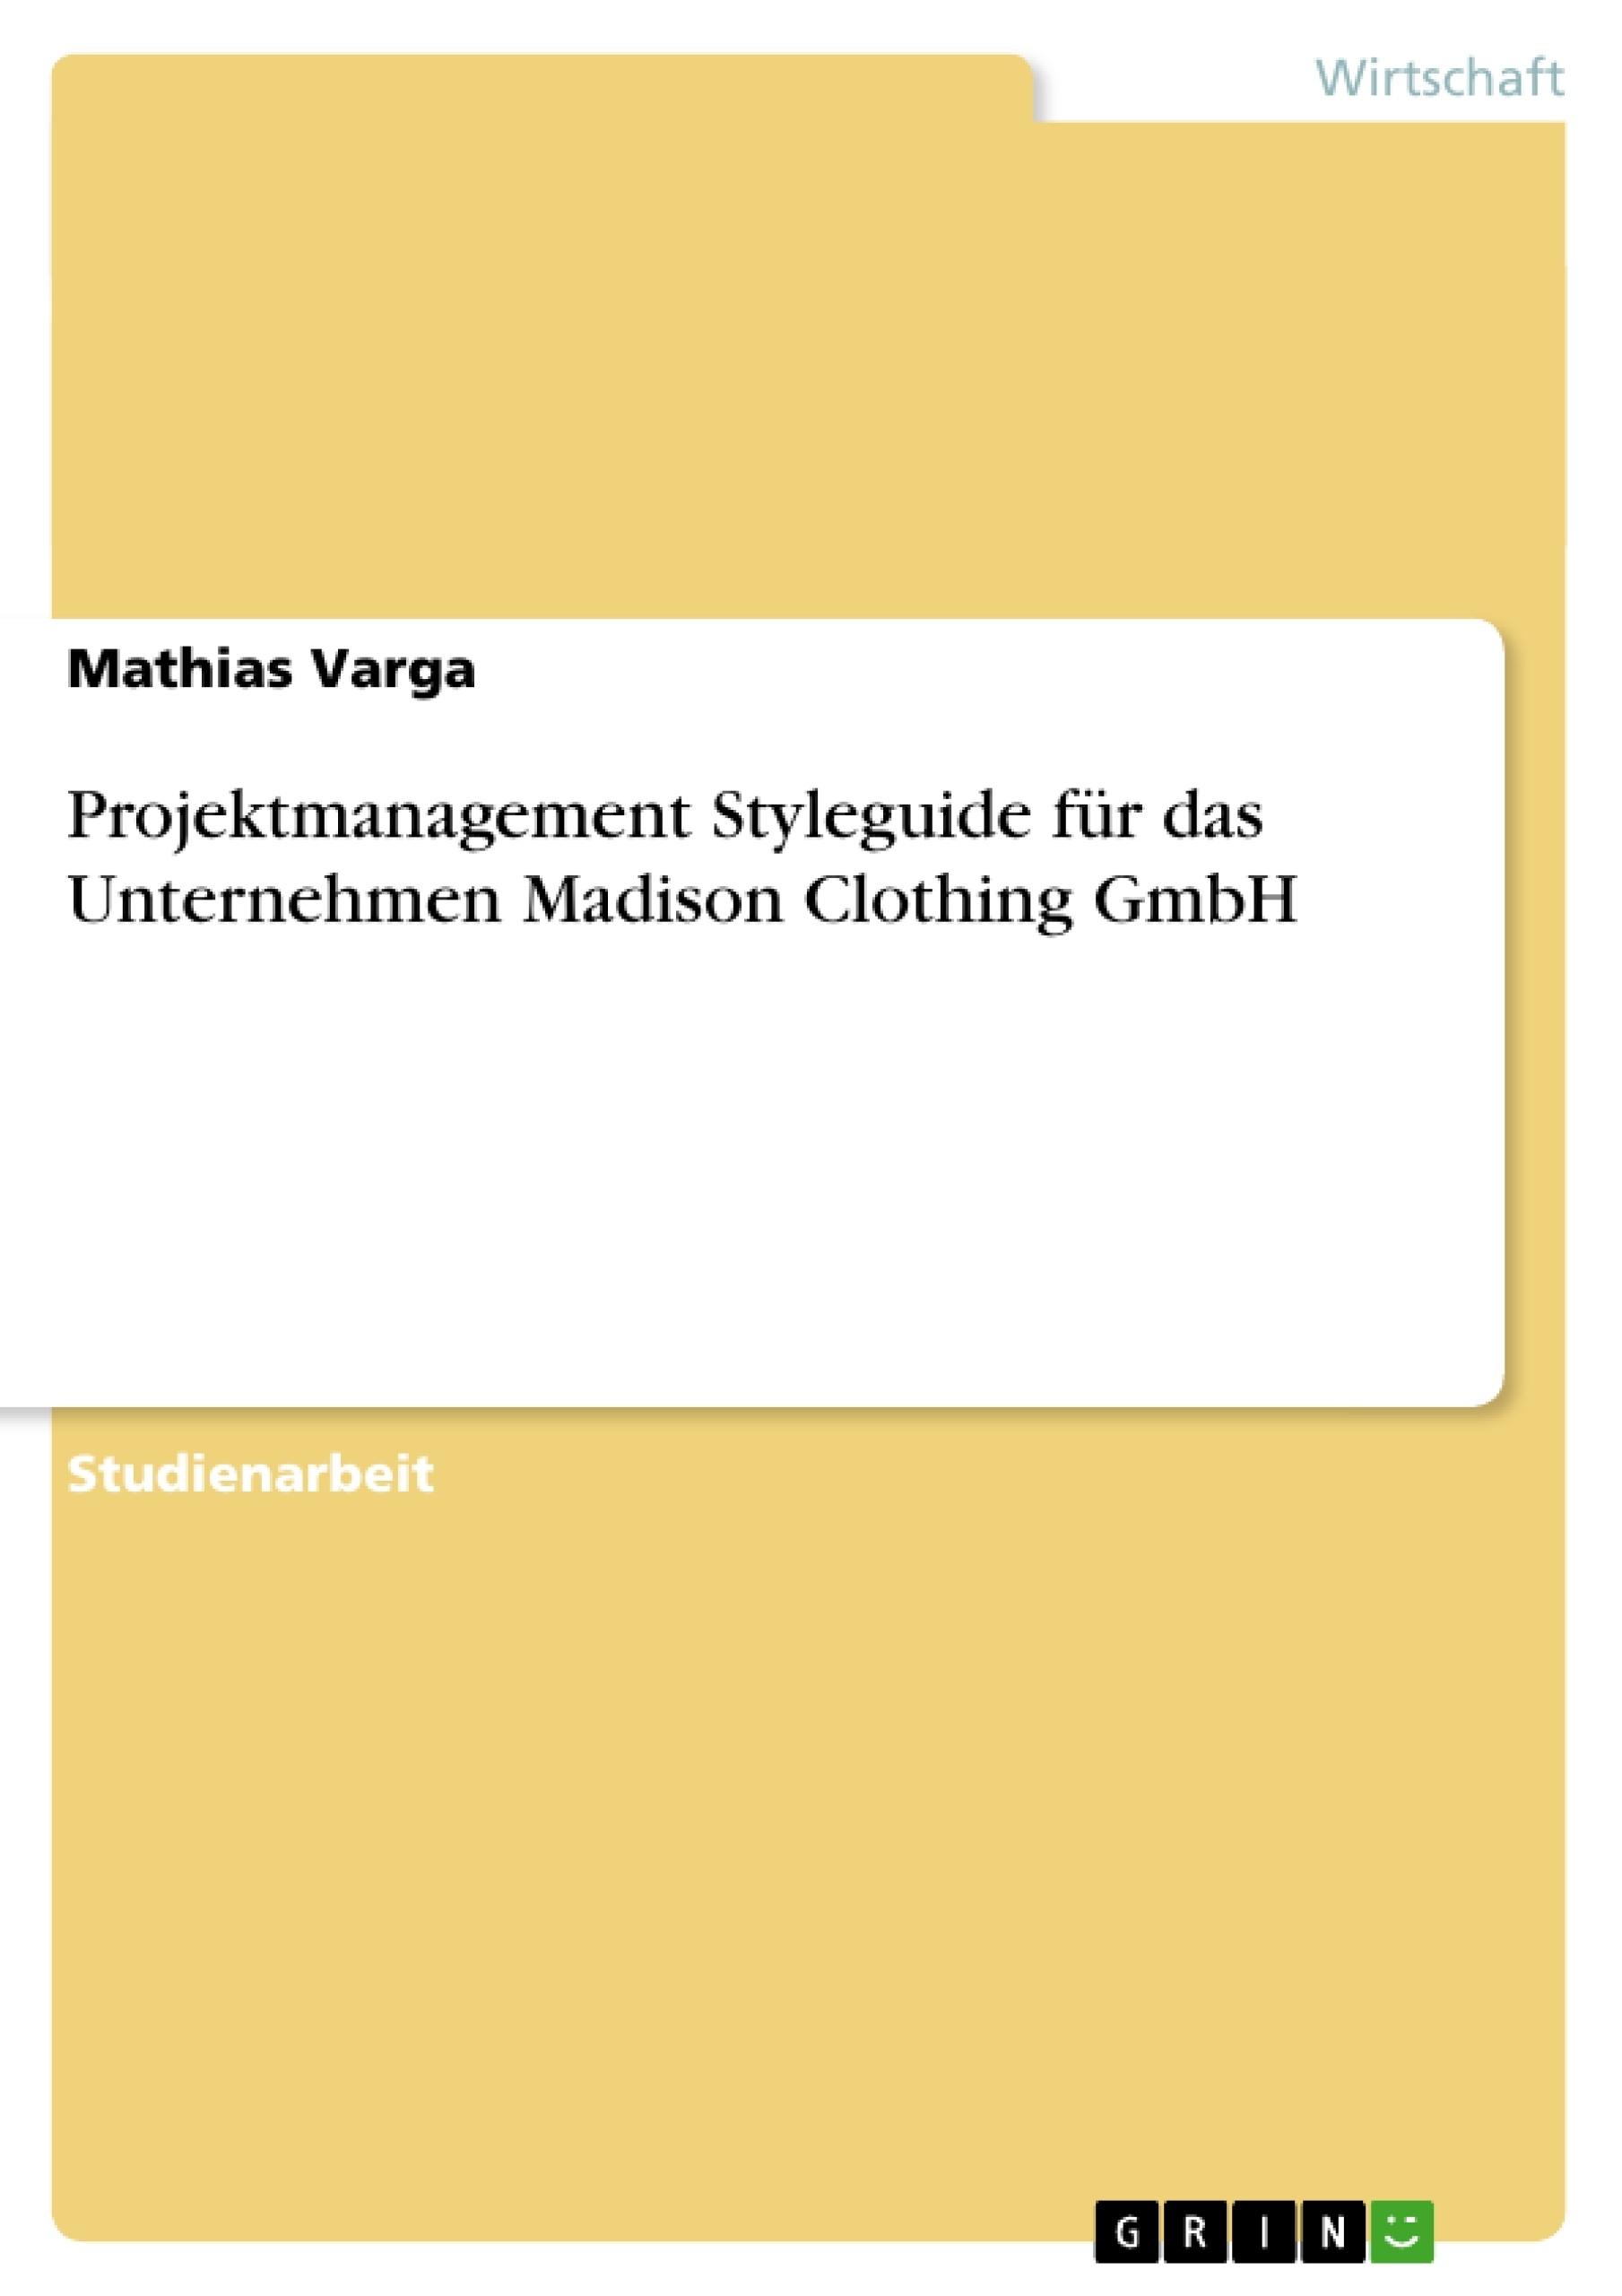 Titel: Projektmanagement Styleguide für das Unternehmen Madison Clothing GmbH